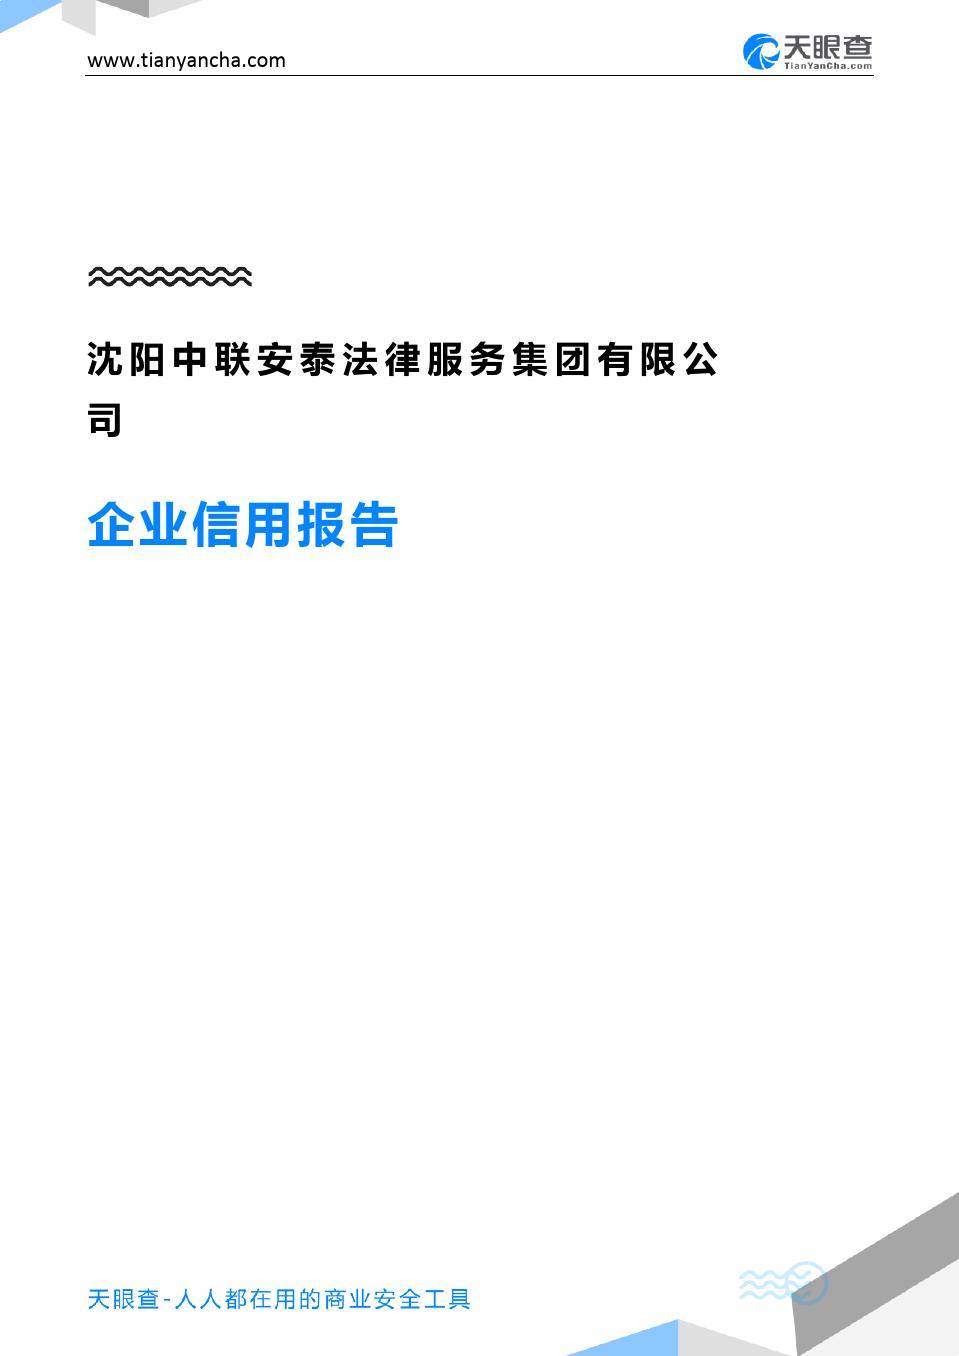 沈阳中联安泰法律服务集团有限公司(企业信用报告)- 天眼查